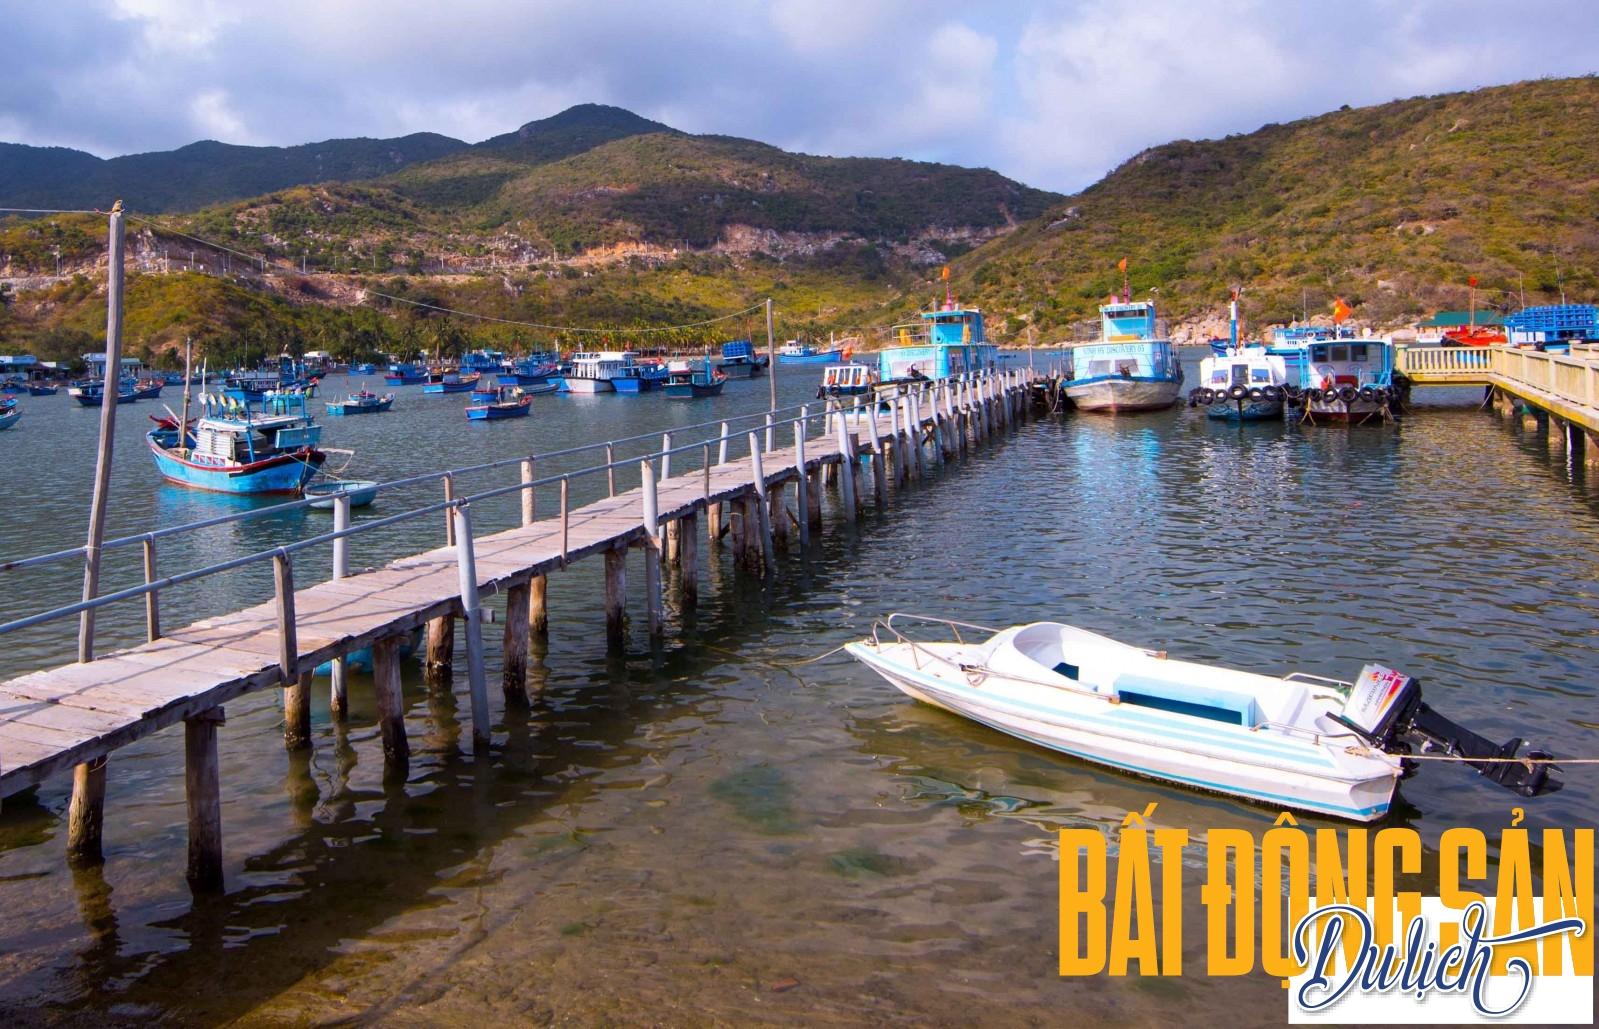 Những chiếc tàu cá của ngư dân neo đậu nơi cầu cảng vịnh Vĩnh Hy, chuẩn bị cho những chuyến đánh bắt. Đây cũng là nơi du khách bắt đầu với các tour du lịch, ngắm san hô bằng tàu đáy kính của ngư dân trong vùng.